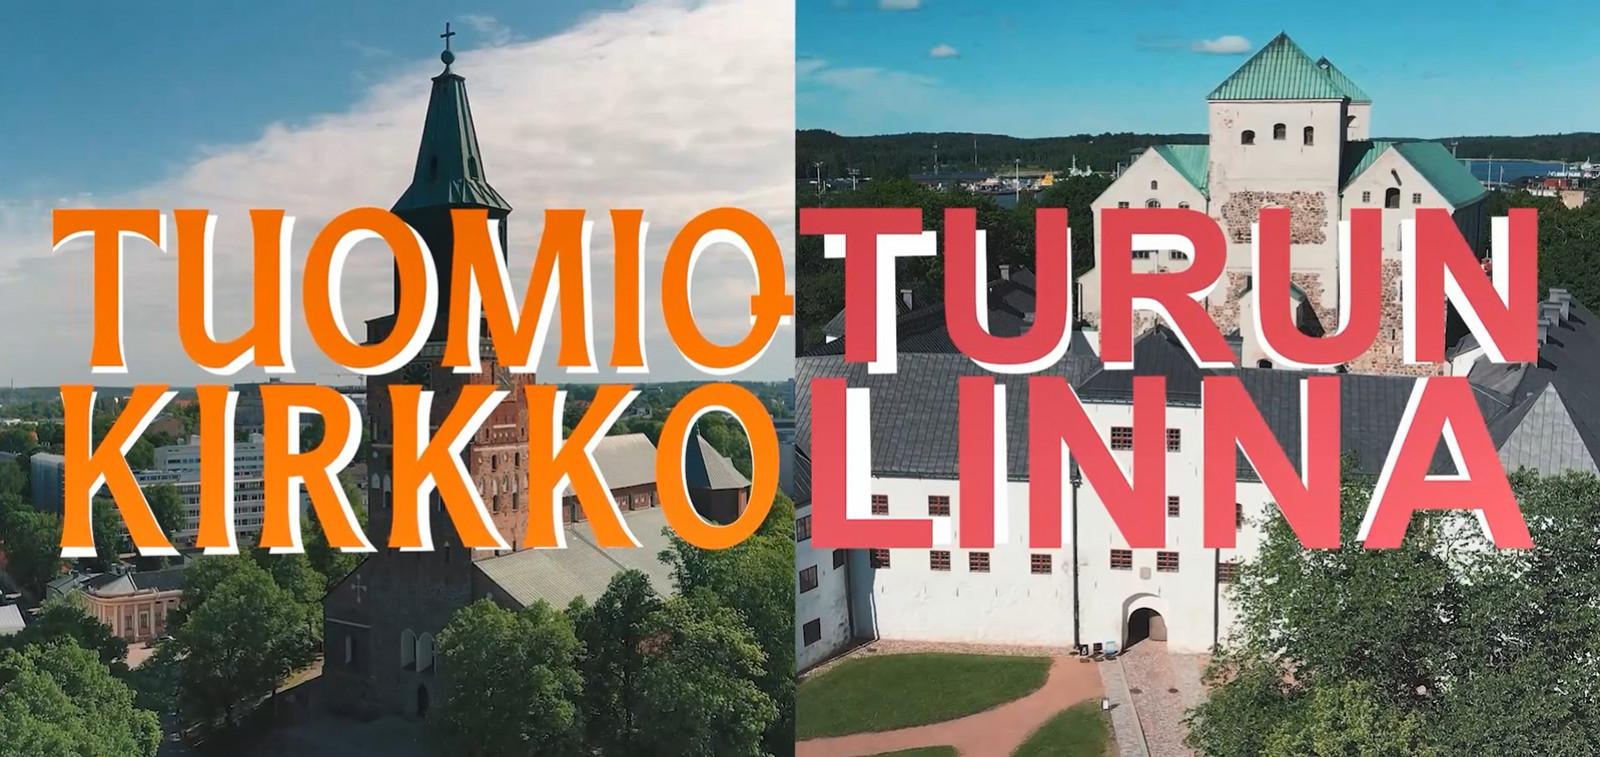 Kuva Turun linnasta ja Turun tuomiokirkosta